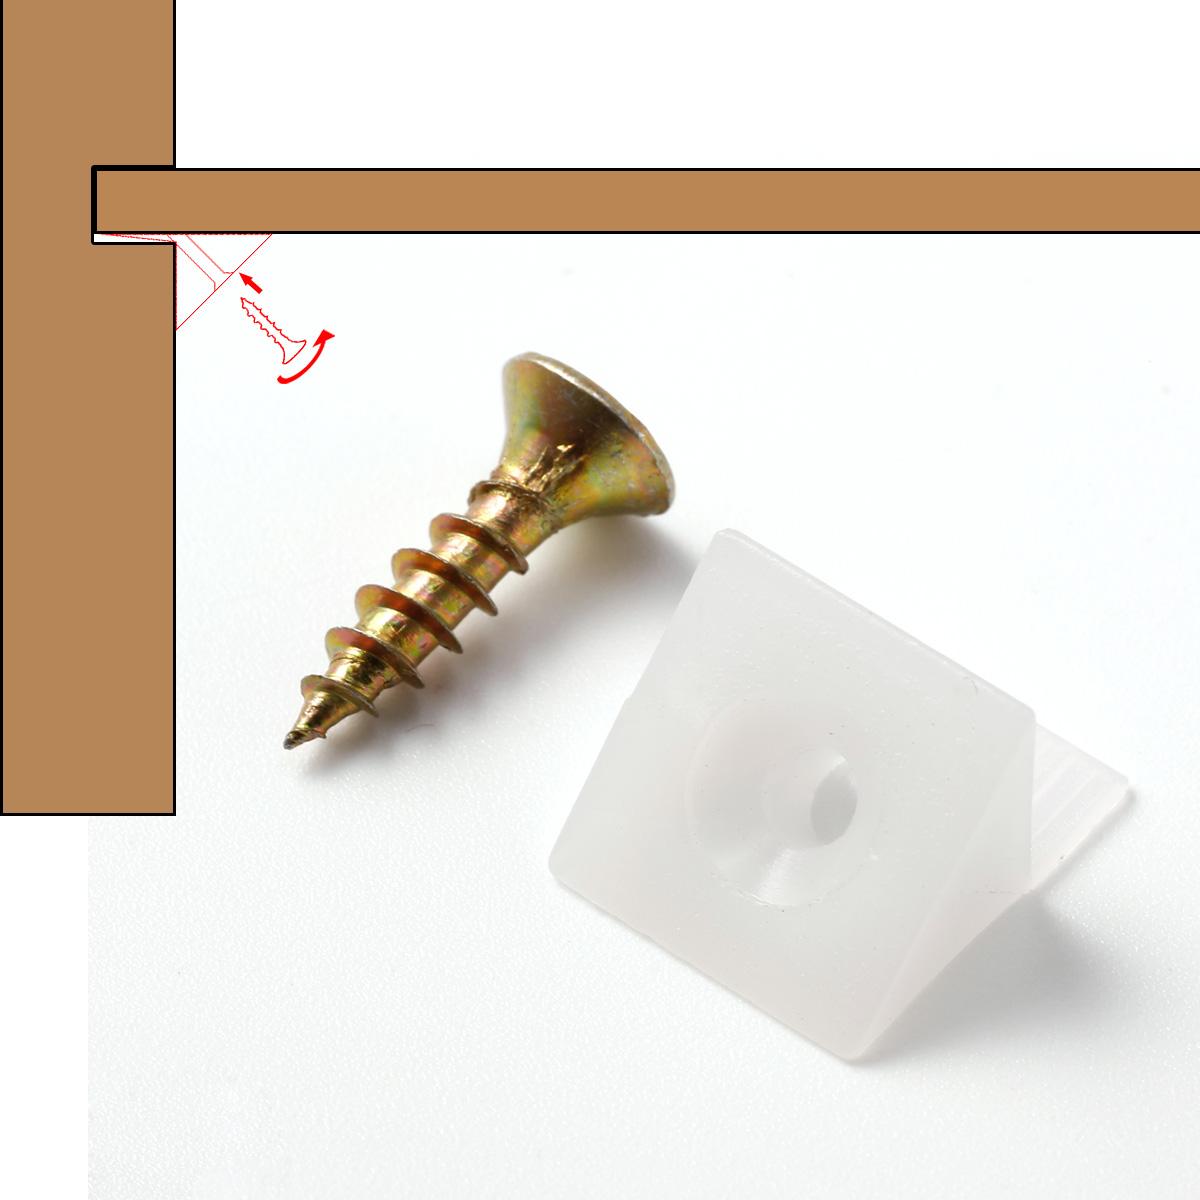 50x querre plastique blanc avec vis r paration affaissement tiroir tag re ebay. Black Bedroom Furniture Sets. Home Design Ideas